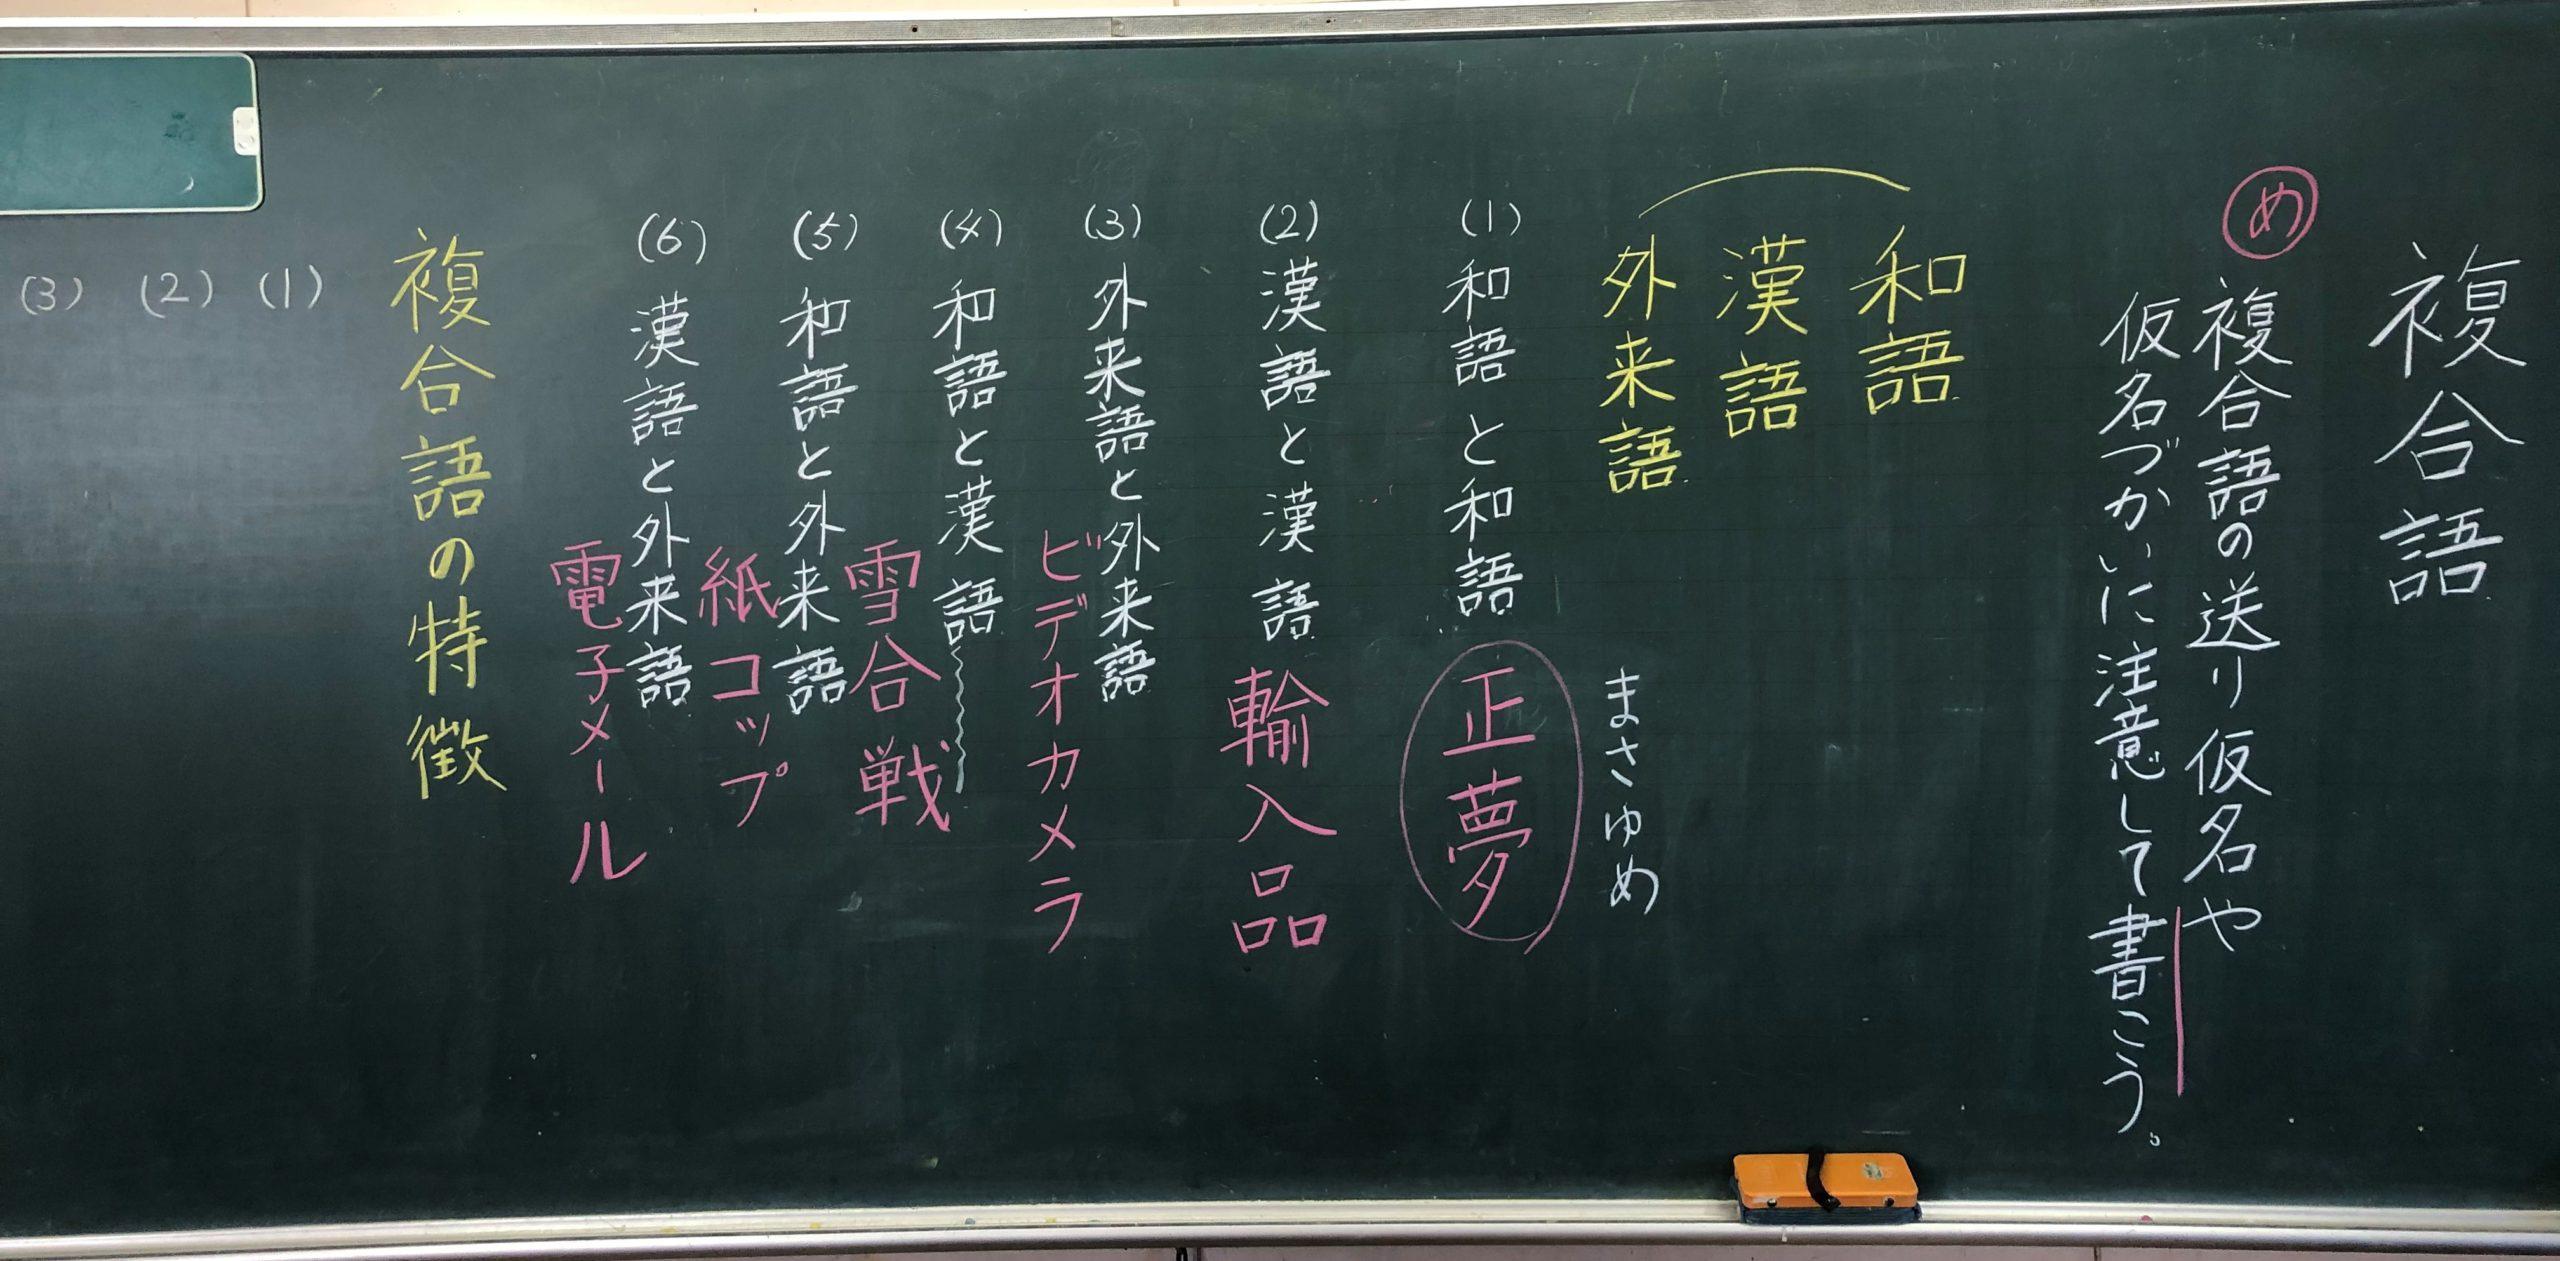 5年生国語【複合語】   黒板log 黒板log